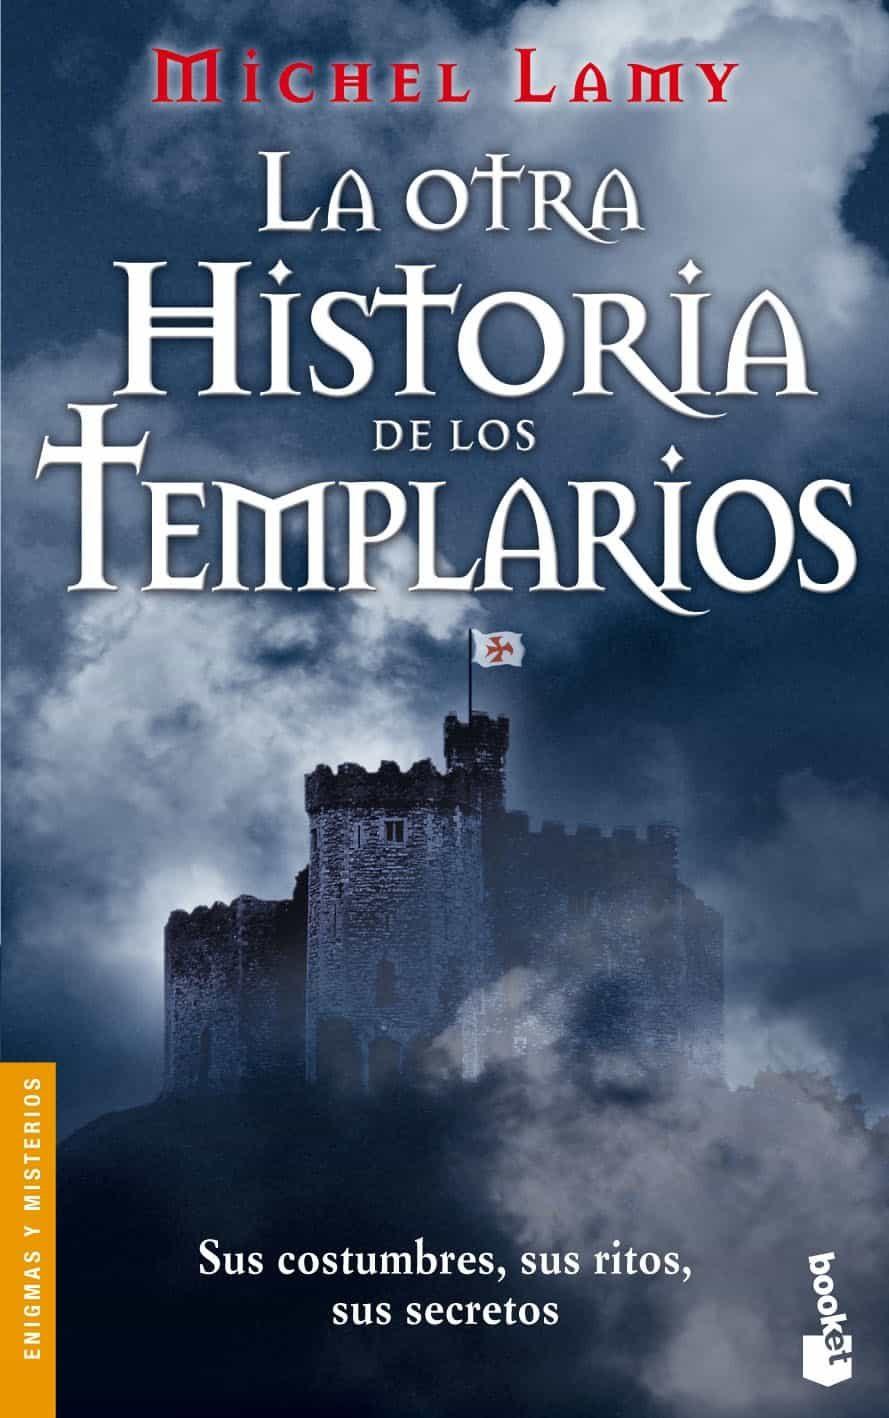 La Otra Historia De Los Templarios por Michel Lamy